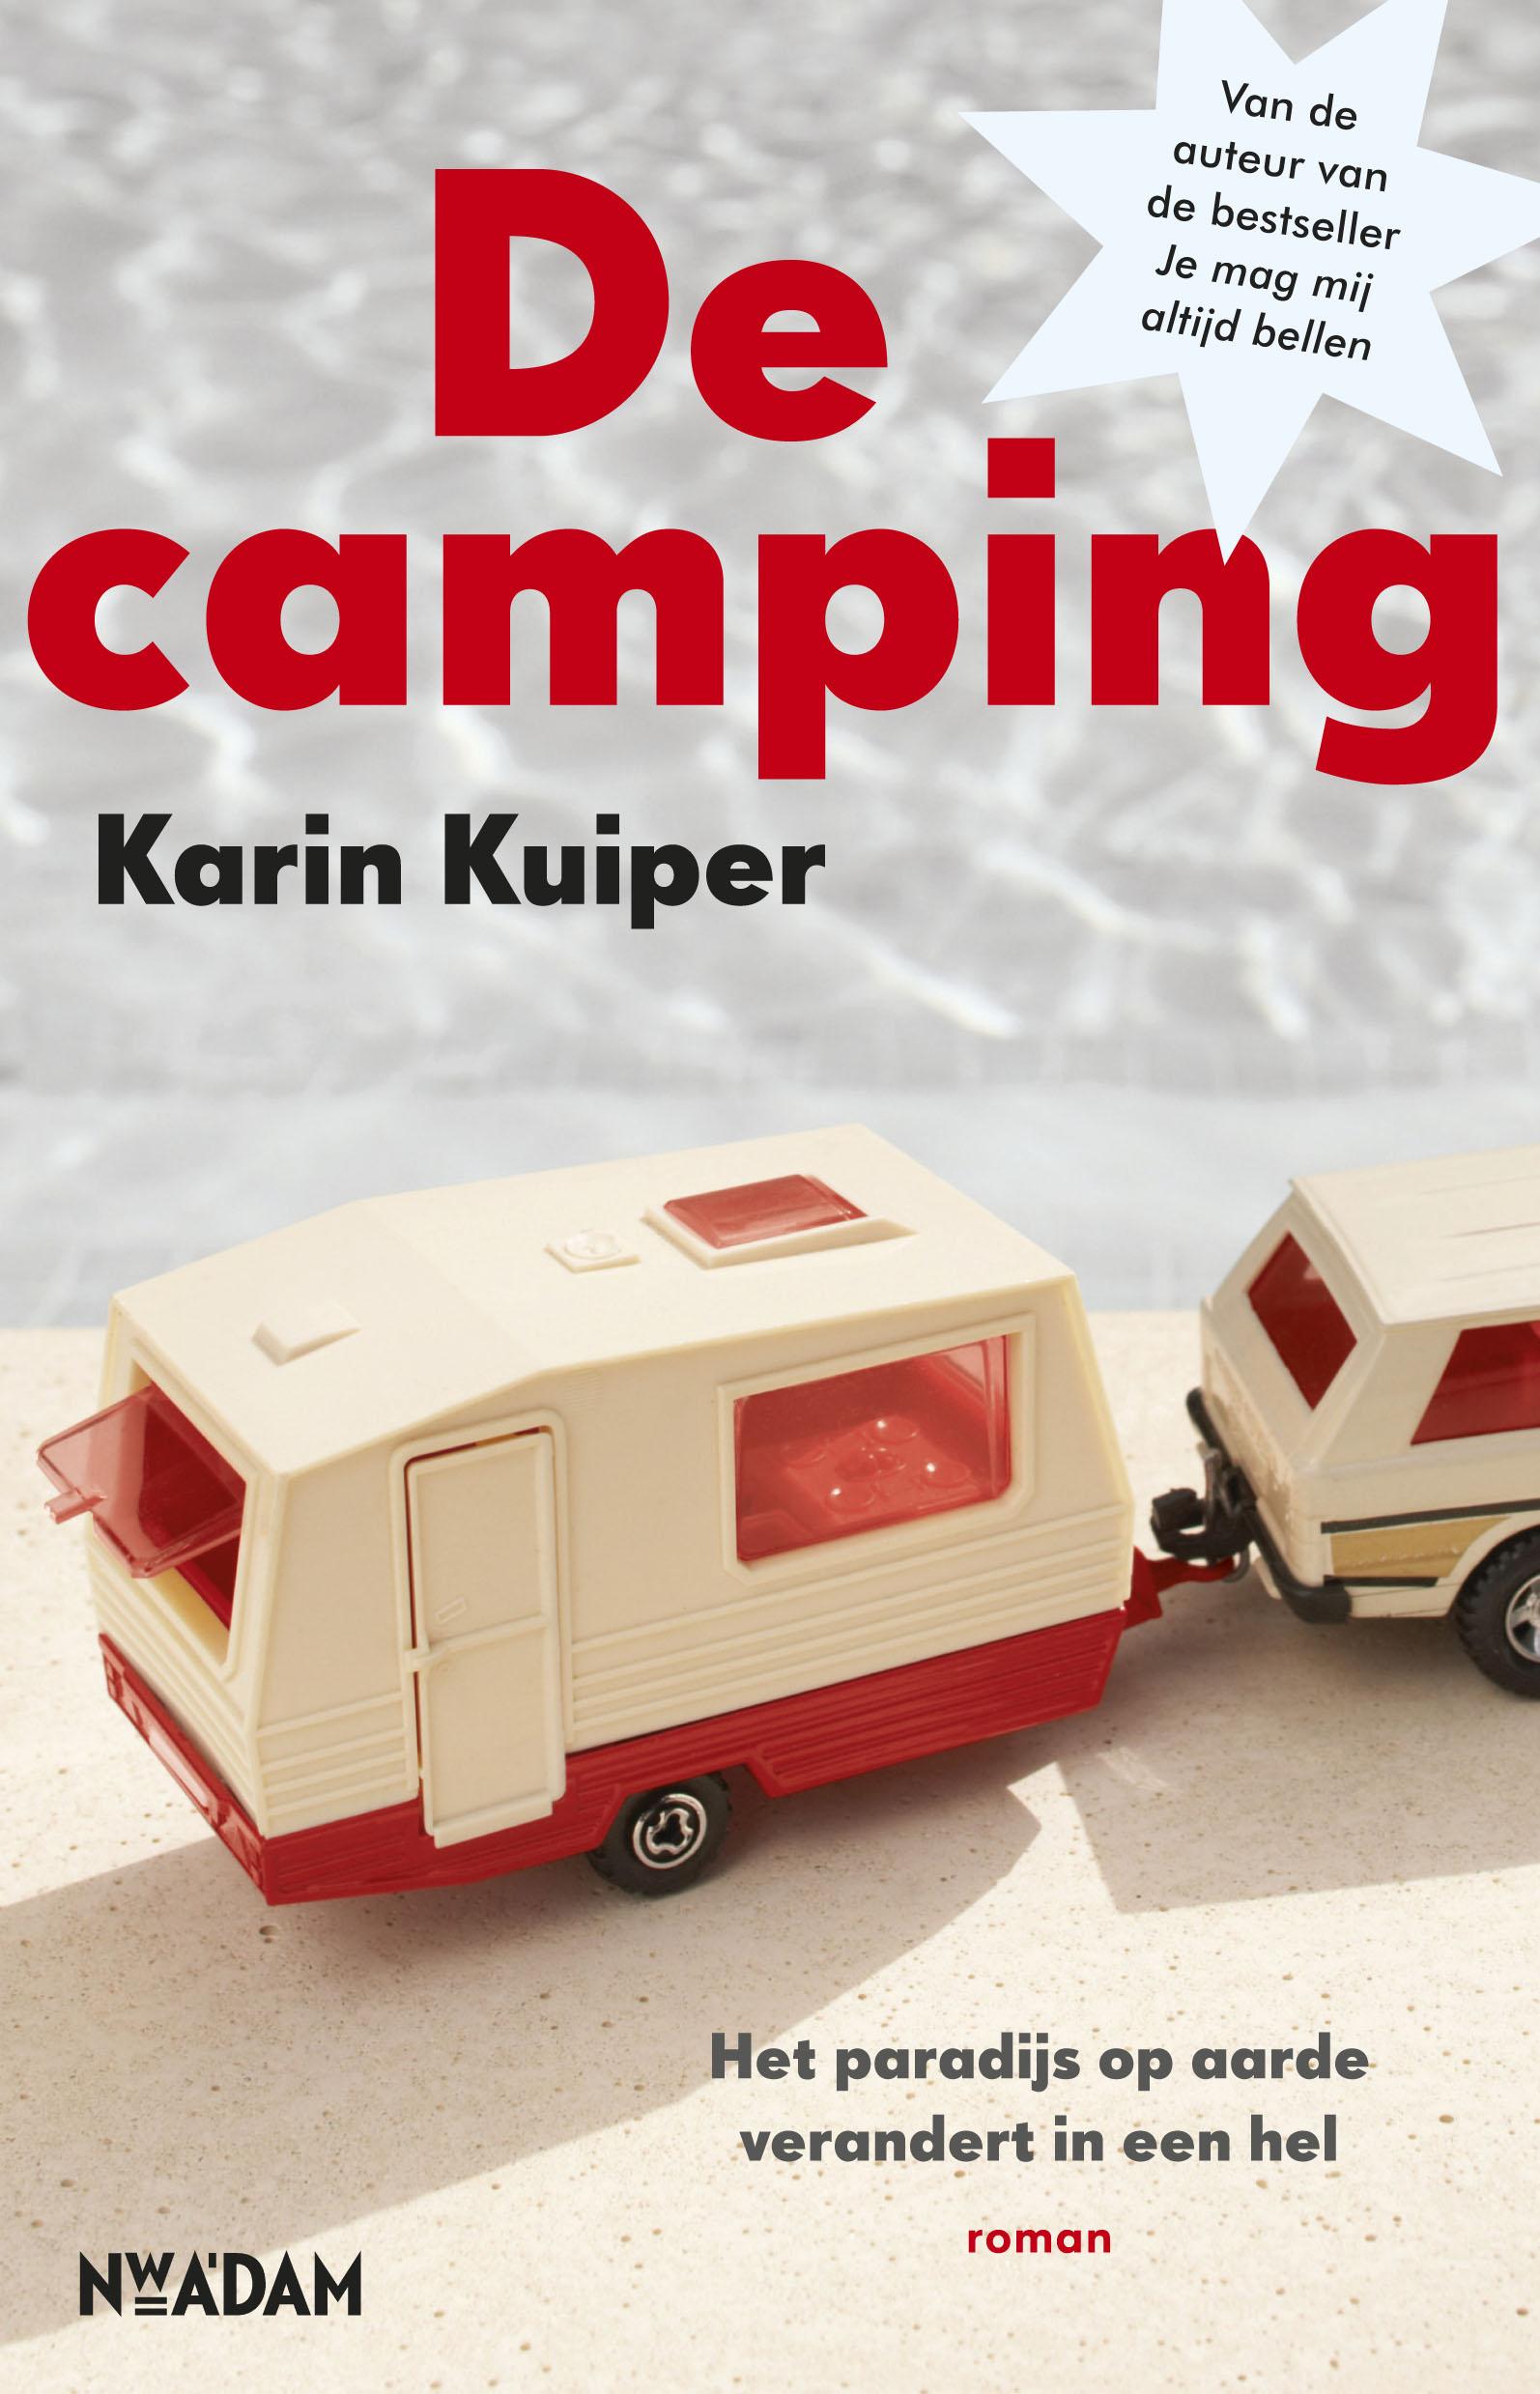 De camping – Karin Kuiper